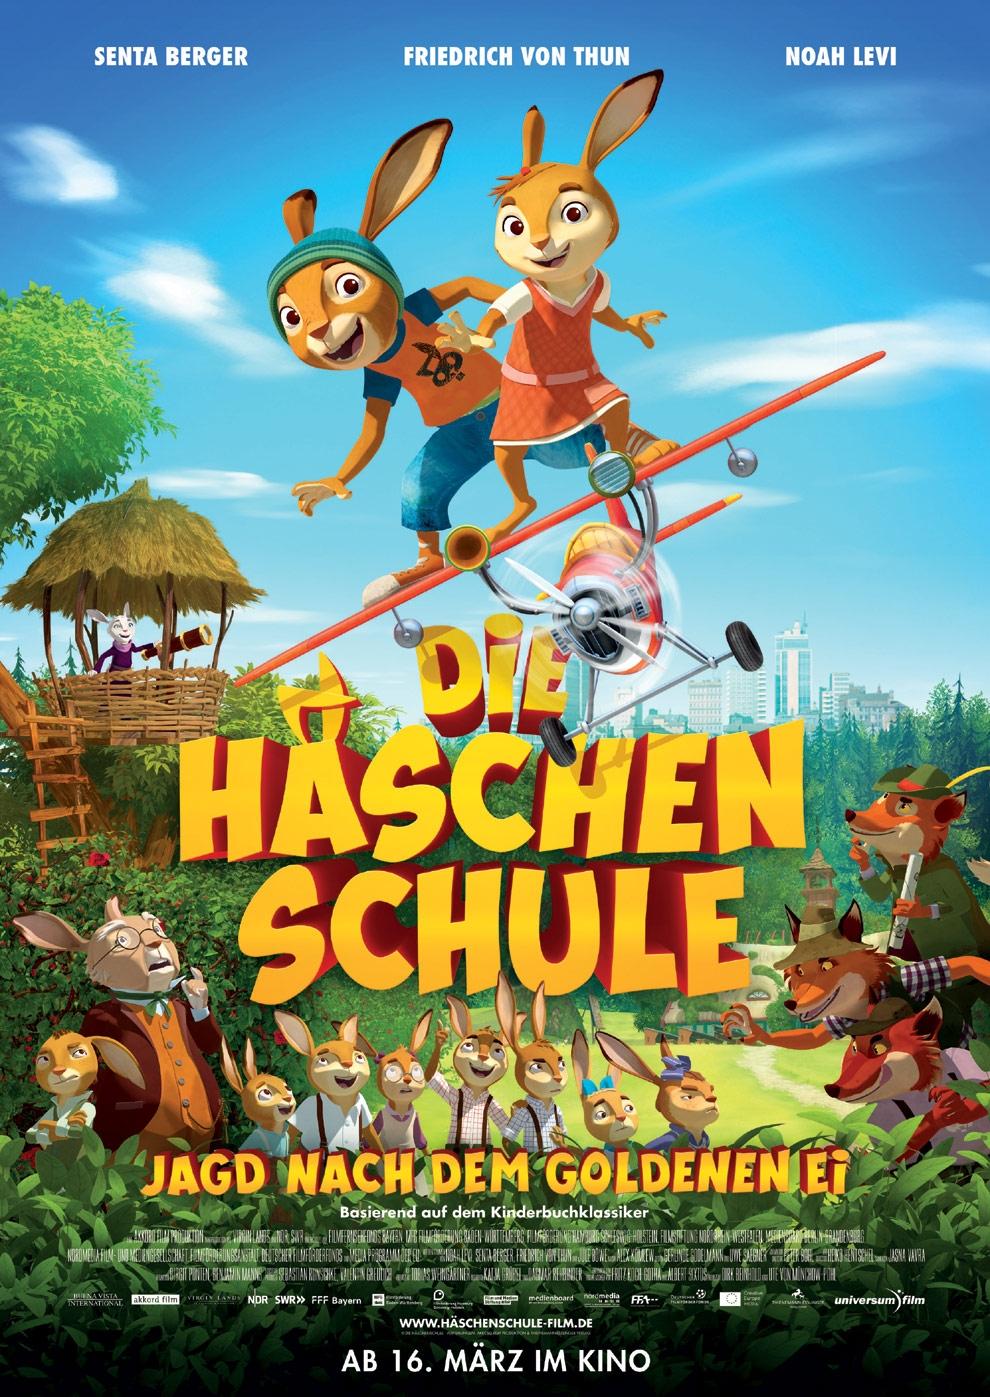 Die Häschenschule - Jagd nach dem goldenen Ei (Poster)